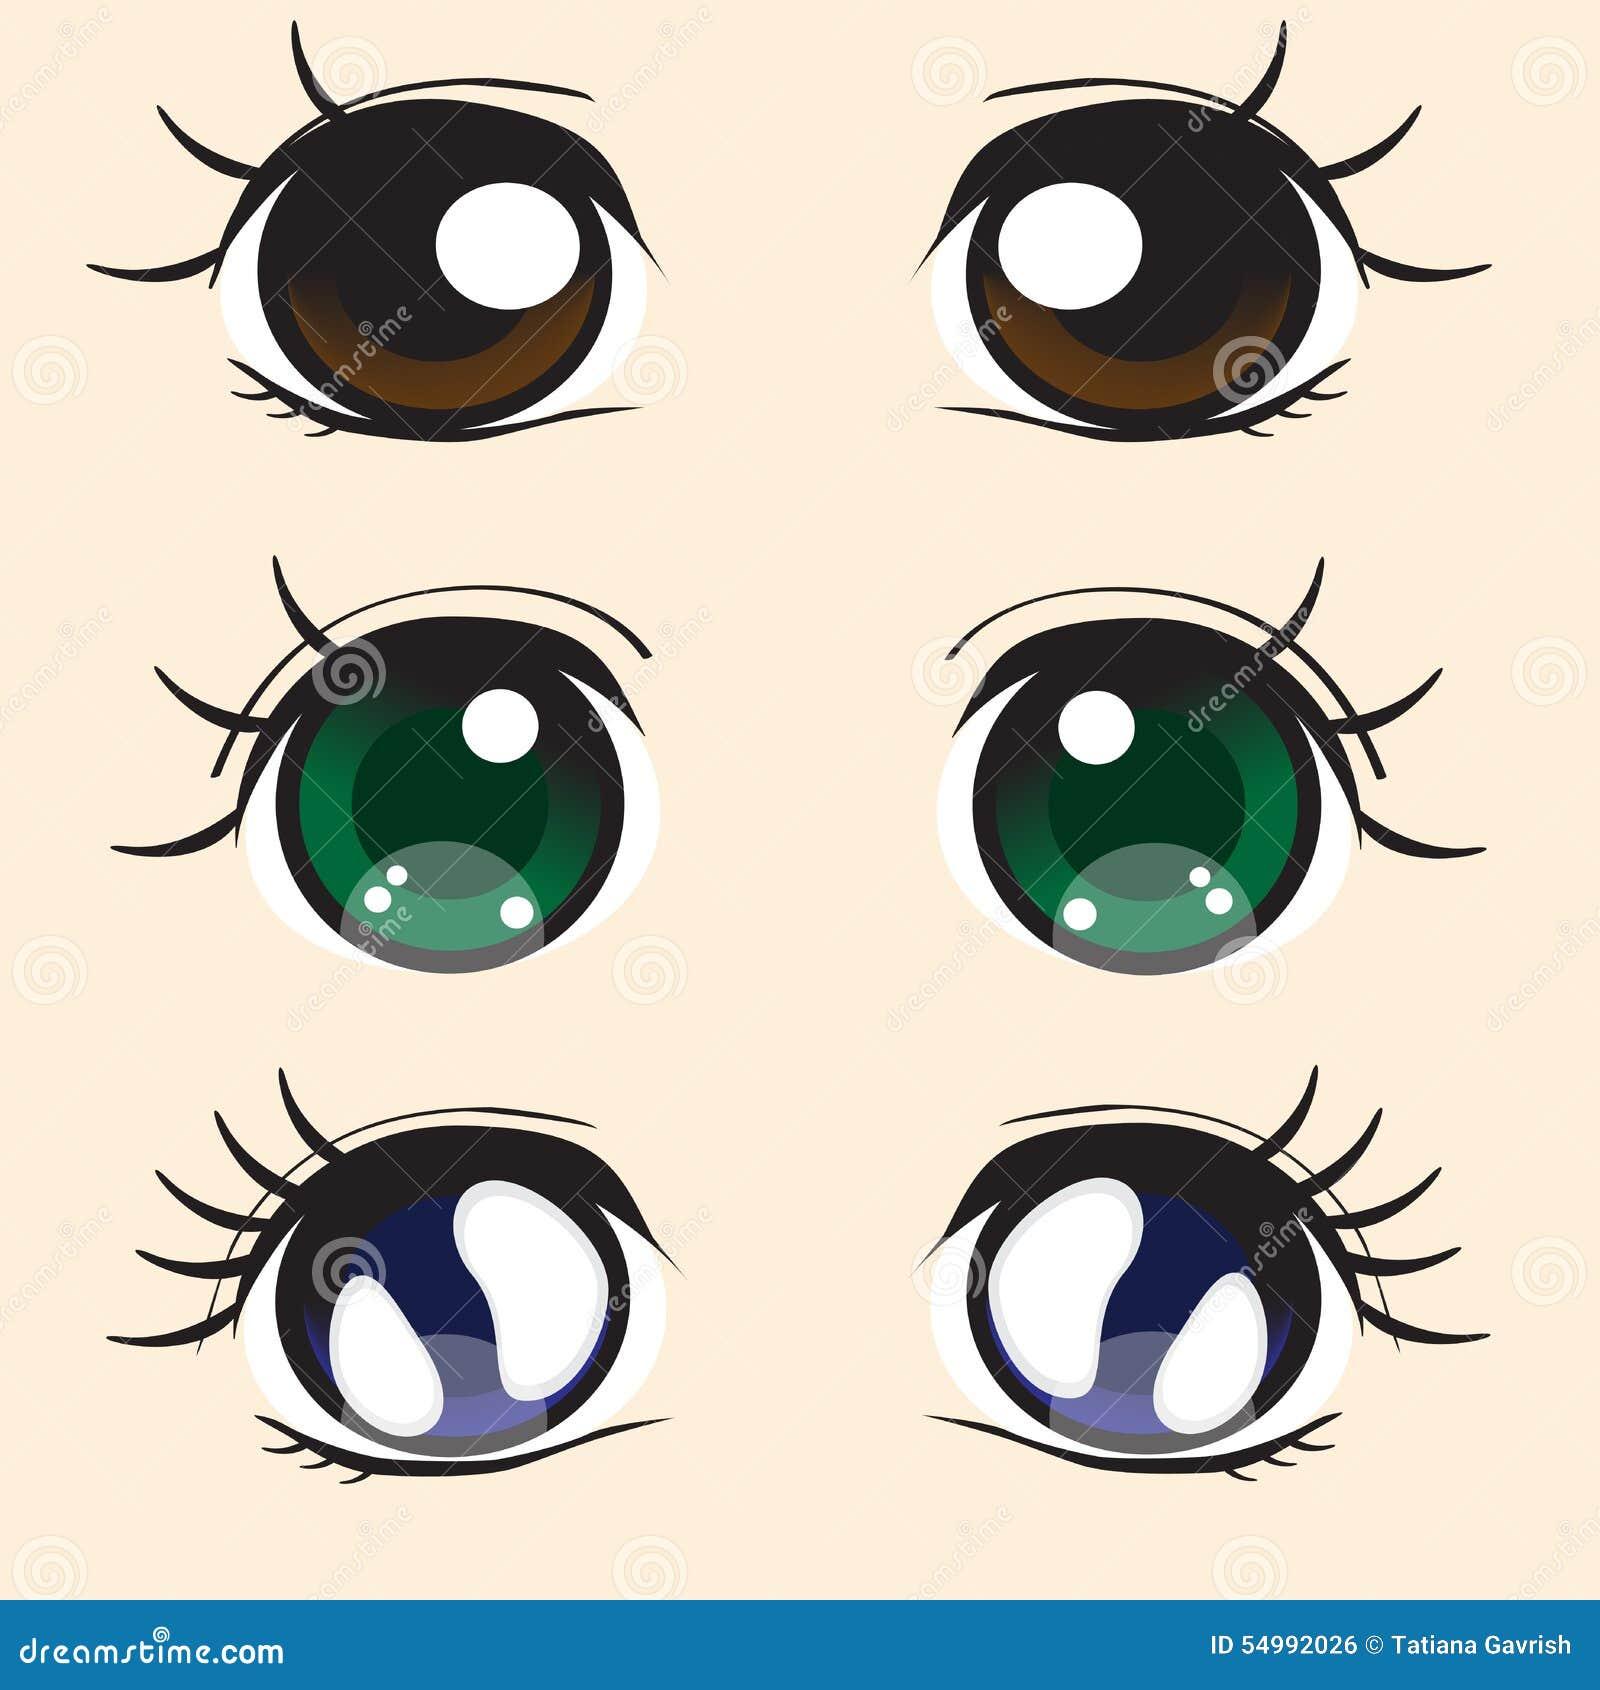 disegni con occhi grandi